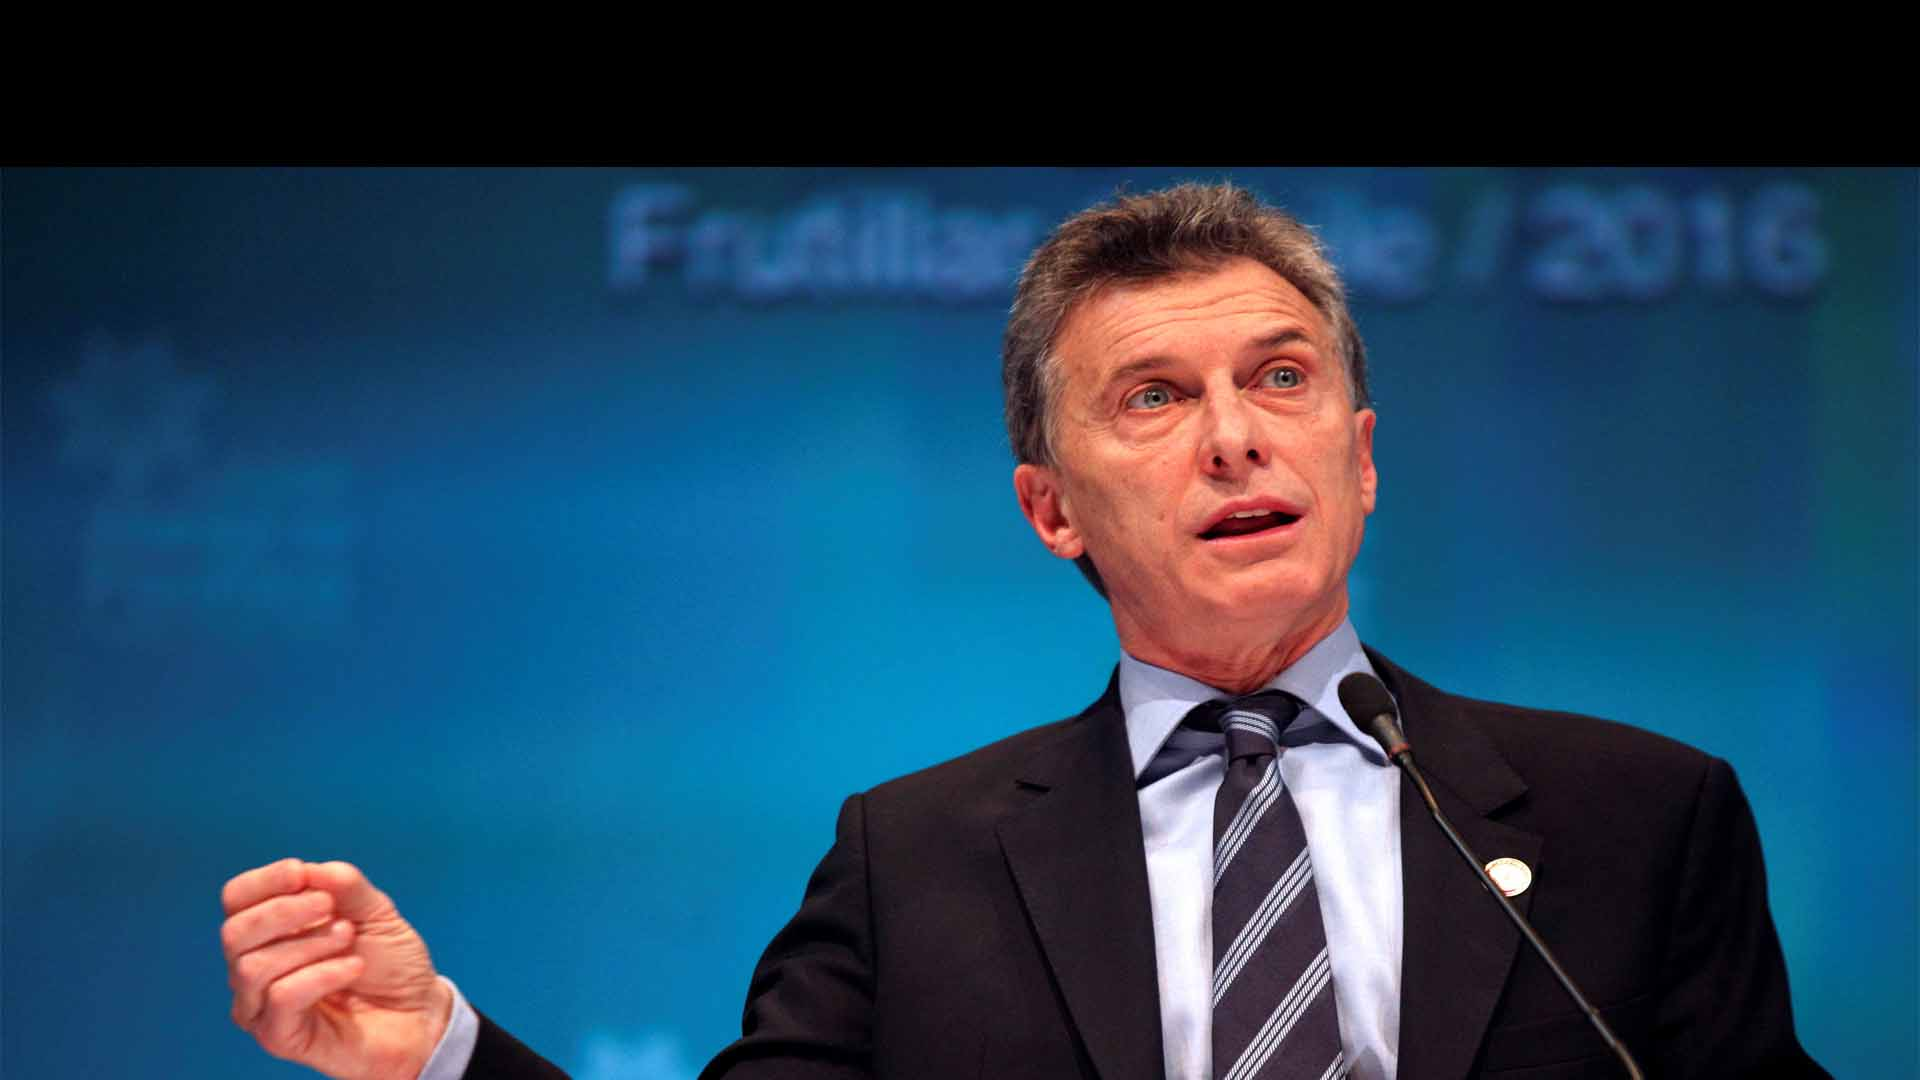 El mandatario argentino intenta promover la inversión extranjera en su país y abogar por un tratado de libre comercio entre la UE y Mercosur